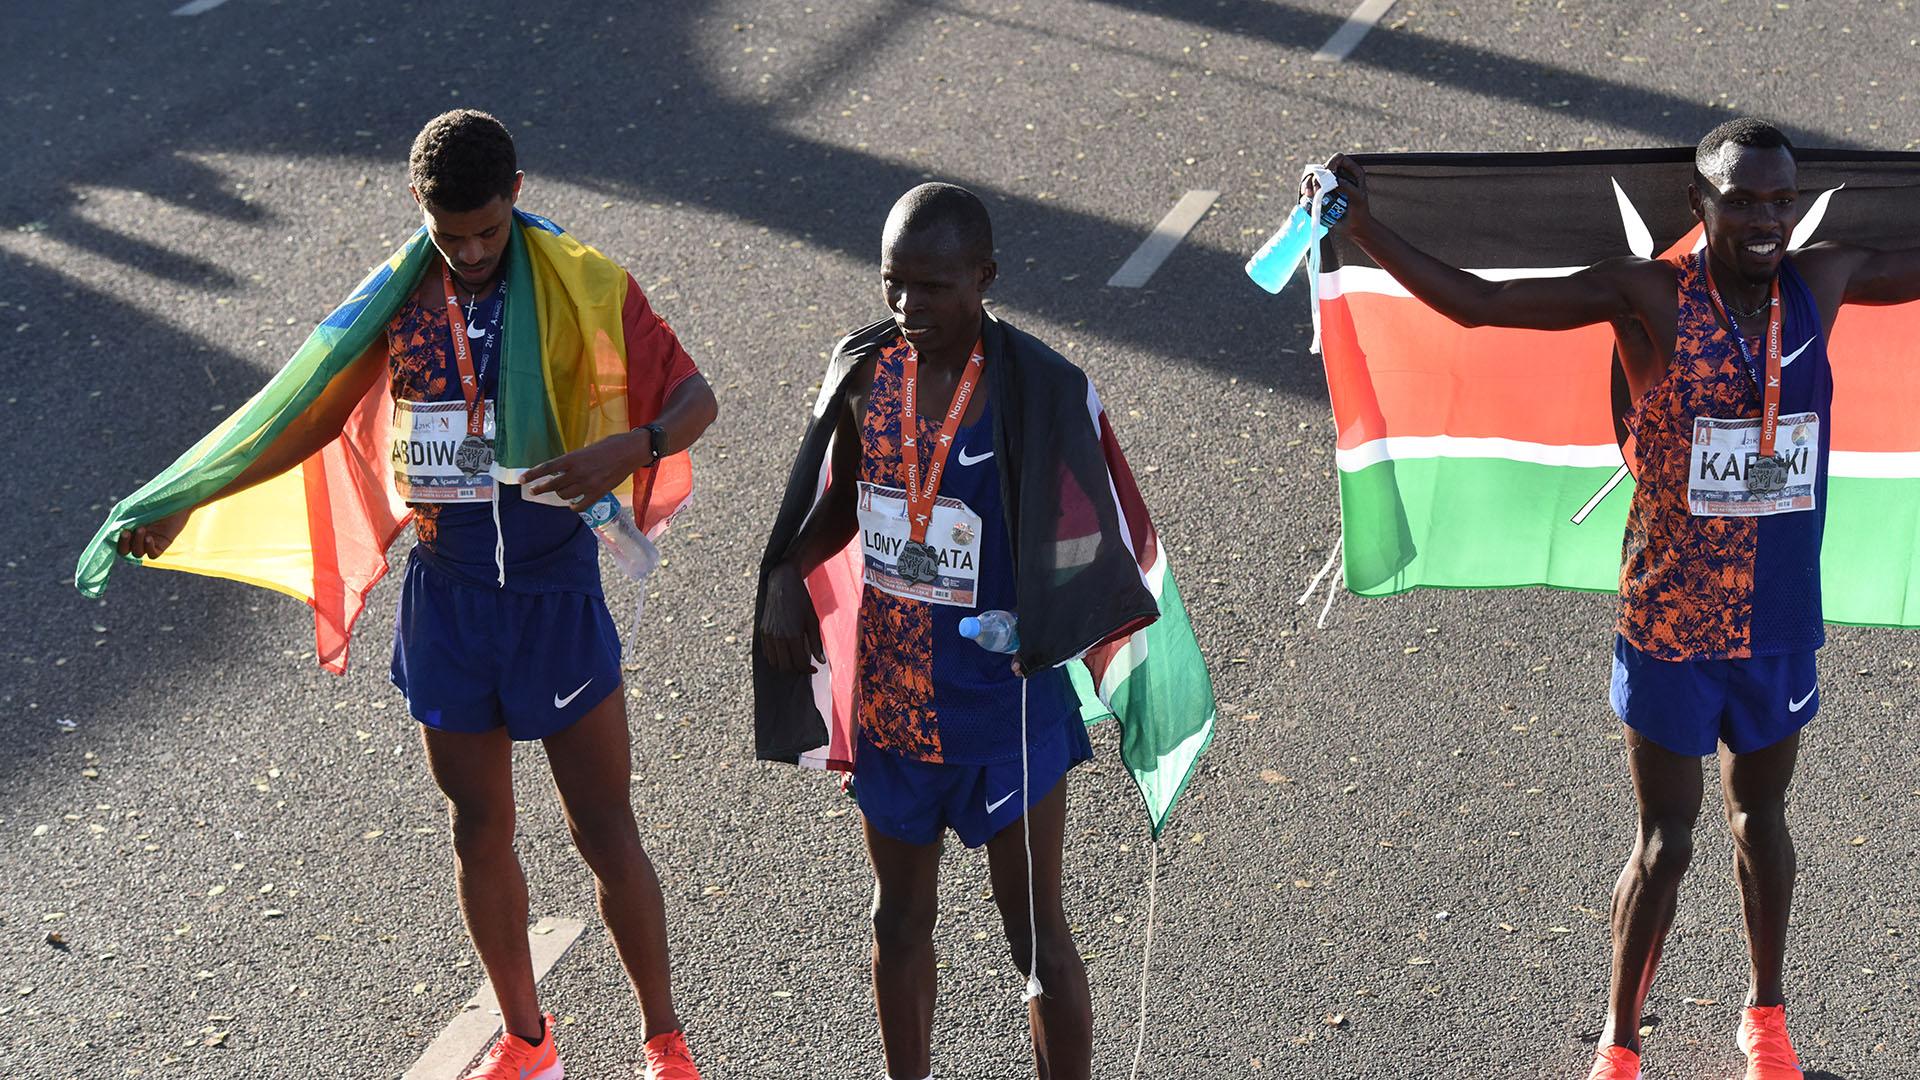 Karoki (derecha) finalizó en 2018 en el tercer puesto del ránking mundial de maratón